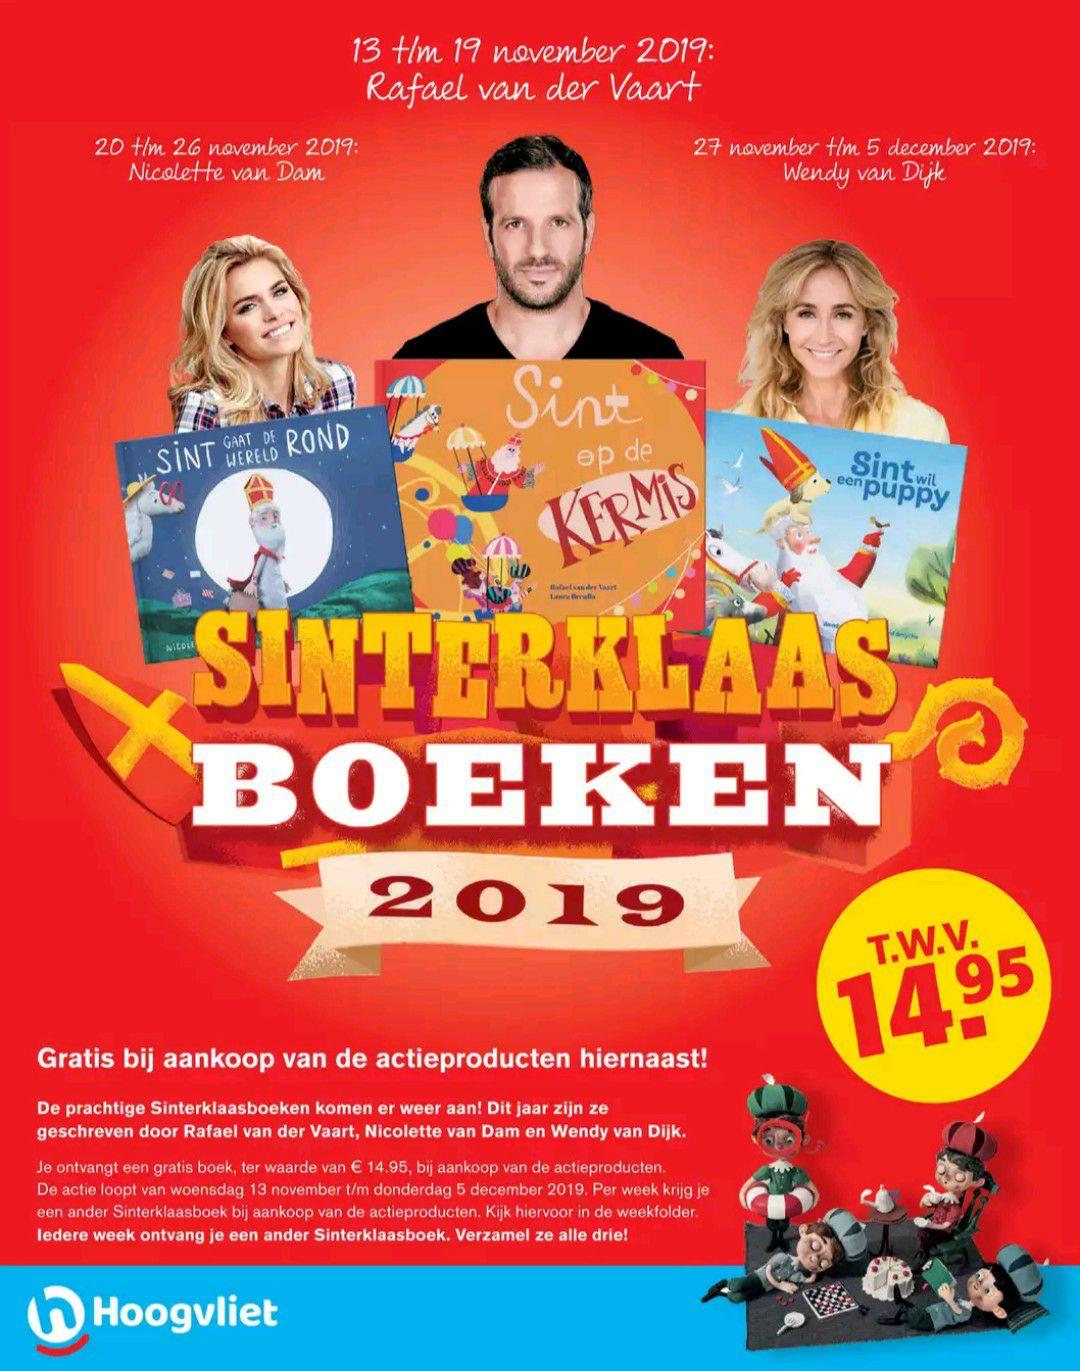 Gratis Sinterklaas boeken bij aankoop van actieproducten @ Plus, Jan Linders, Poiez & Hoogvliet